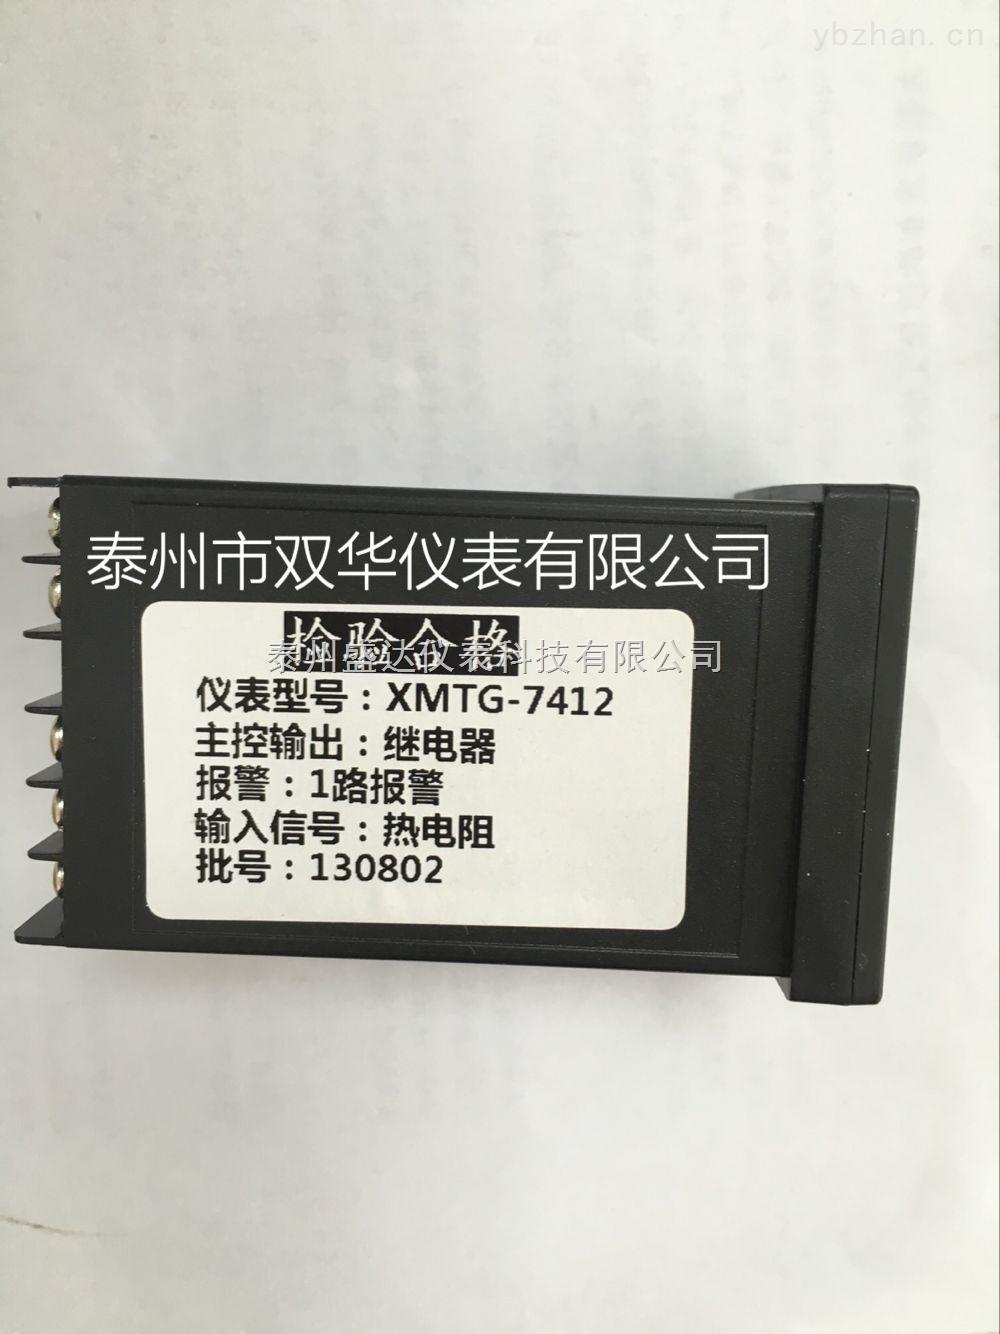 xmta-7412智能数显温度调节仪